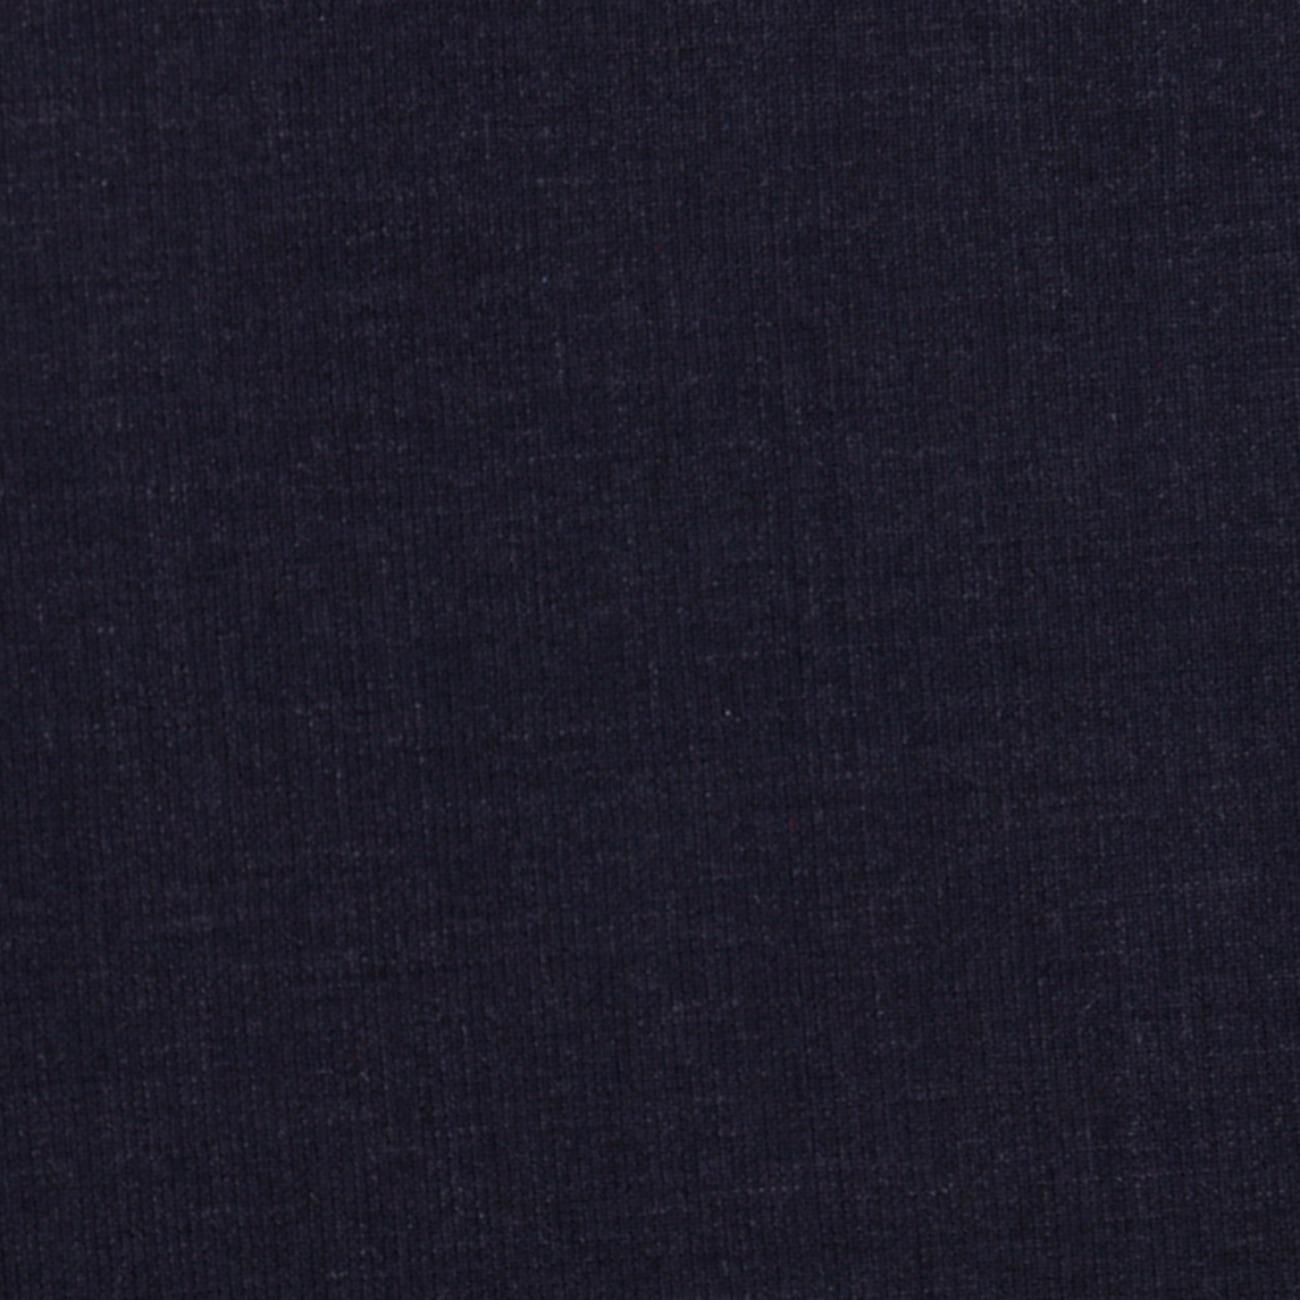 毛纺 素色 羊毛 染色 薄 精仿 西装 职业装 春秋 女装 男装 71122-42